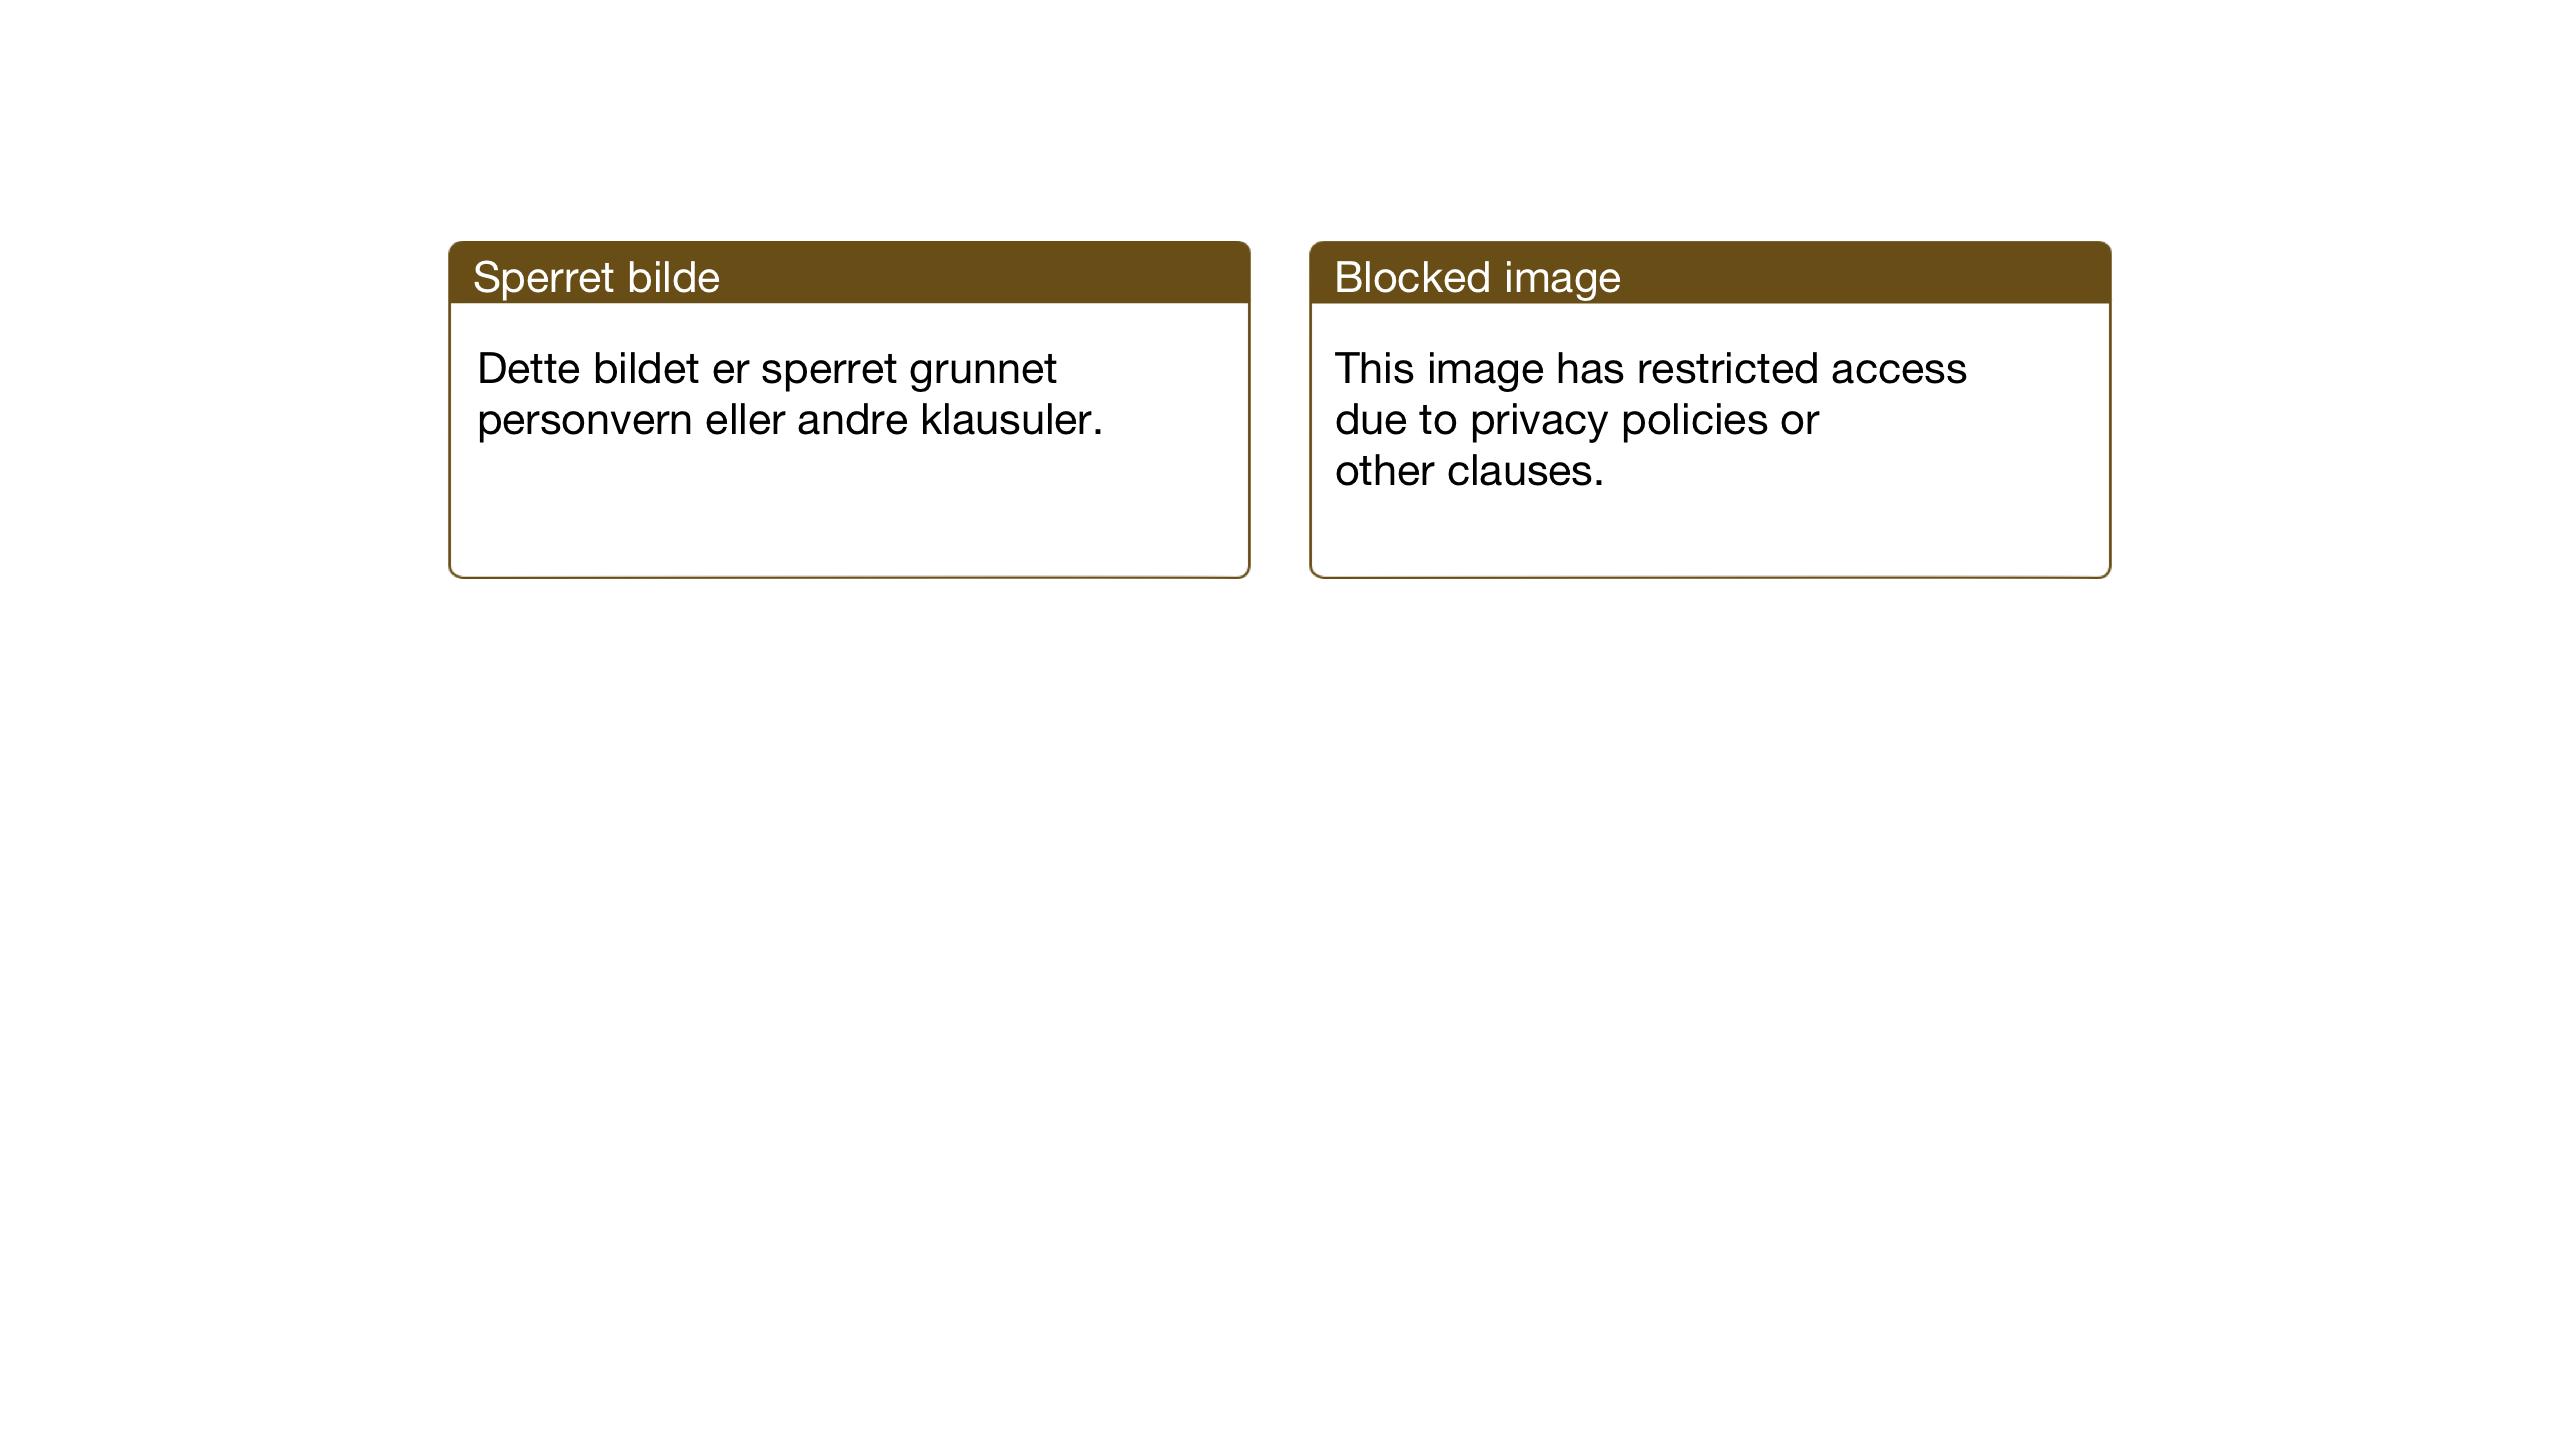 SAT, Ministerialprotokoller, klokkerbøker og fødselsregistre - Sør-Trøndelag, 653/L0658: Klokkerbok nr. 653C02, 1919-1947, s. 225